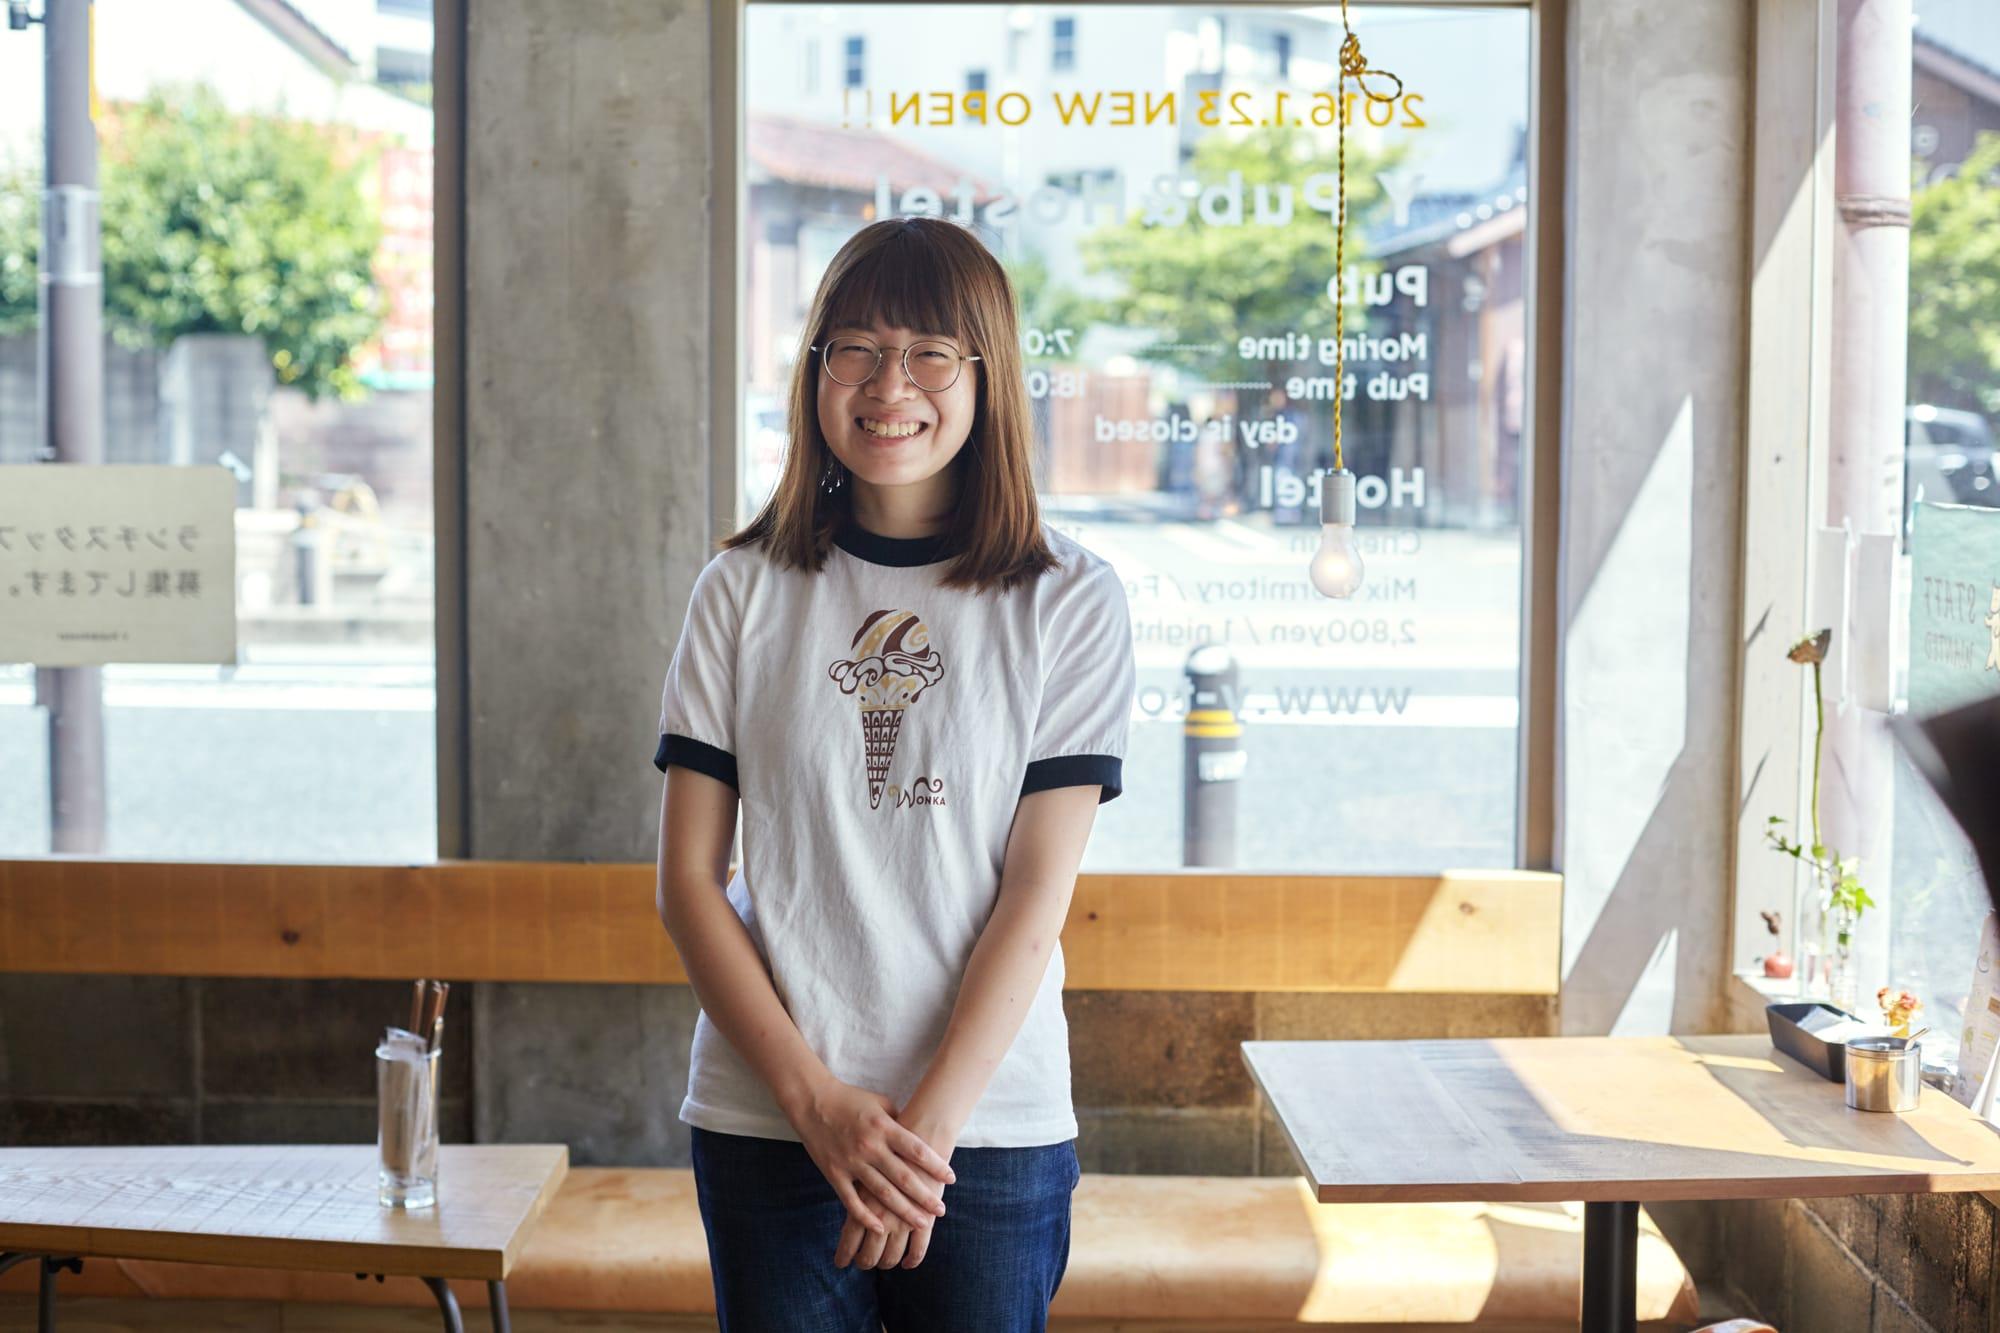 Yのスタッフ、中居磨美さん。「普段は広島に住んでいるのですが『中国地方わかもの会議』に参加したことがきっかけで鳥取に友達ができたので、夏休みの間だけアルバイトに来ました」